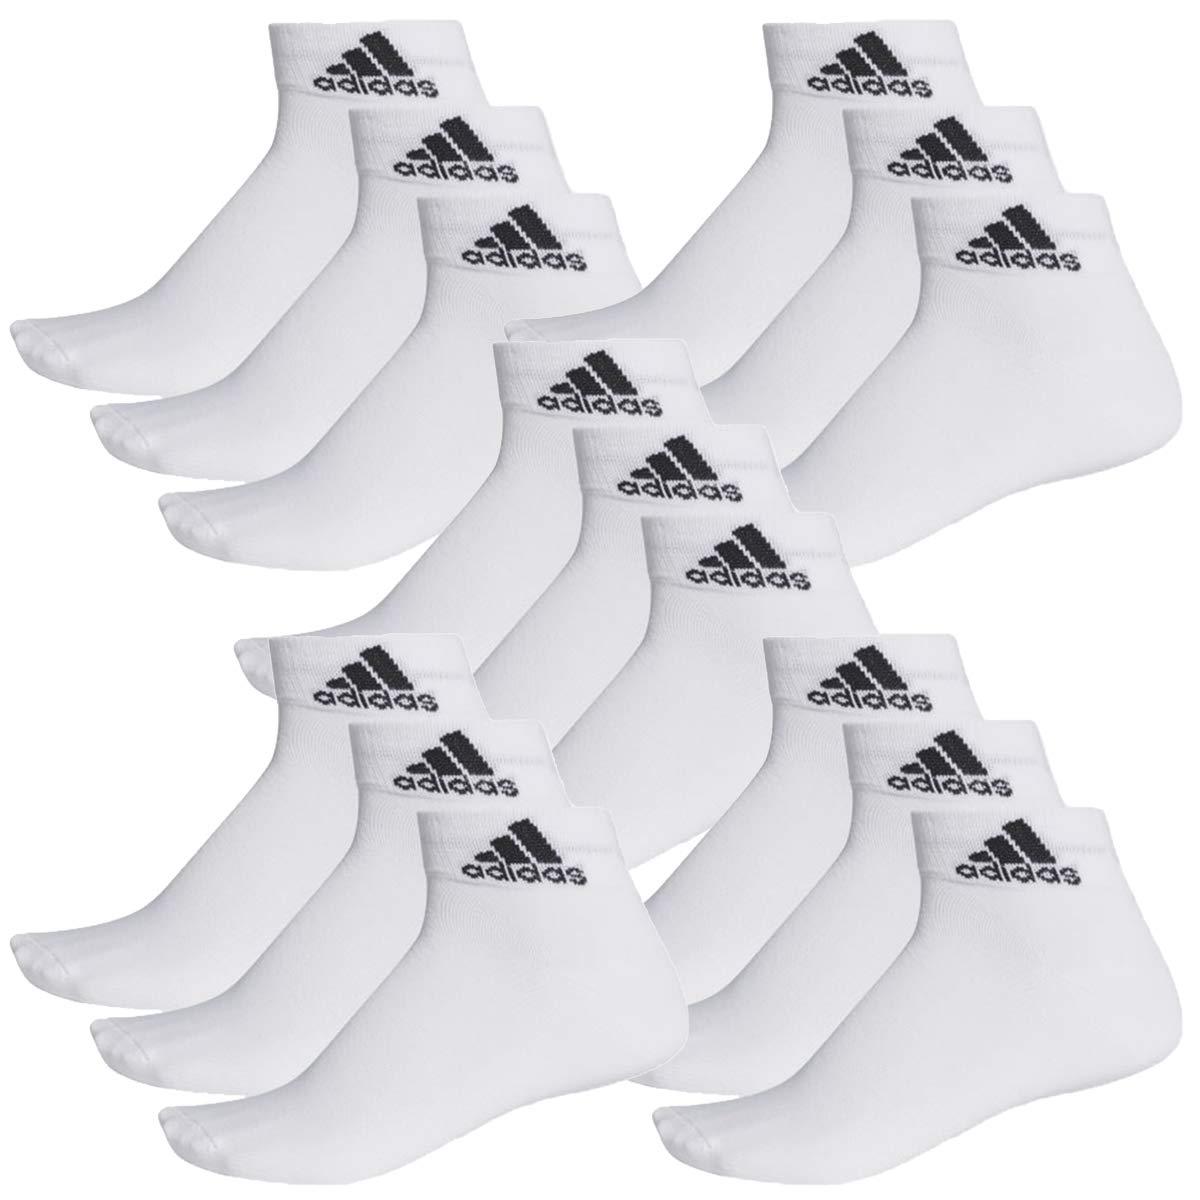 color:White 35-54 Unisex short sock Socken /& Str/ümpfe:35-38 15 pair adidas Performance Sneaker Socks Gr